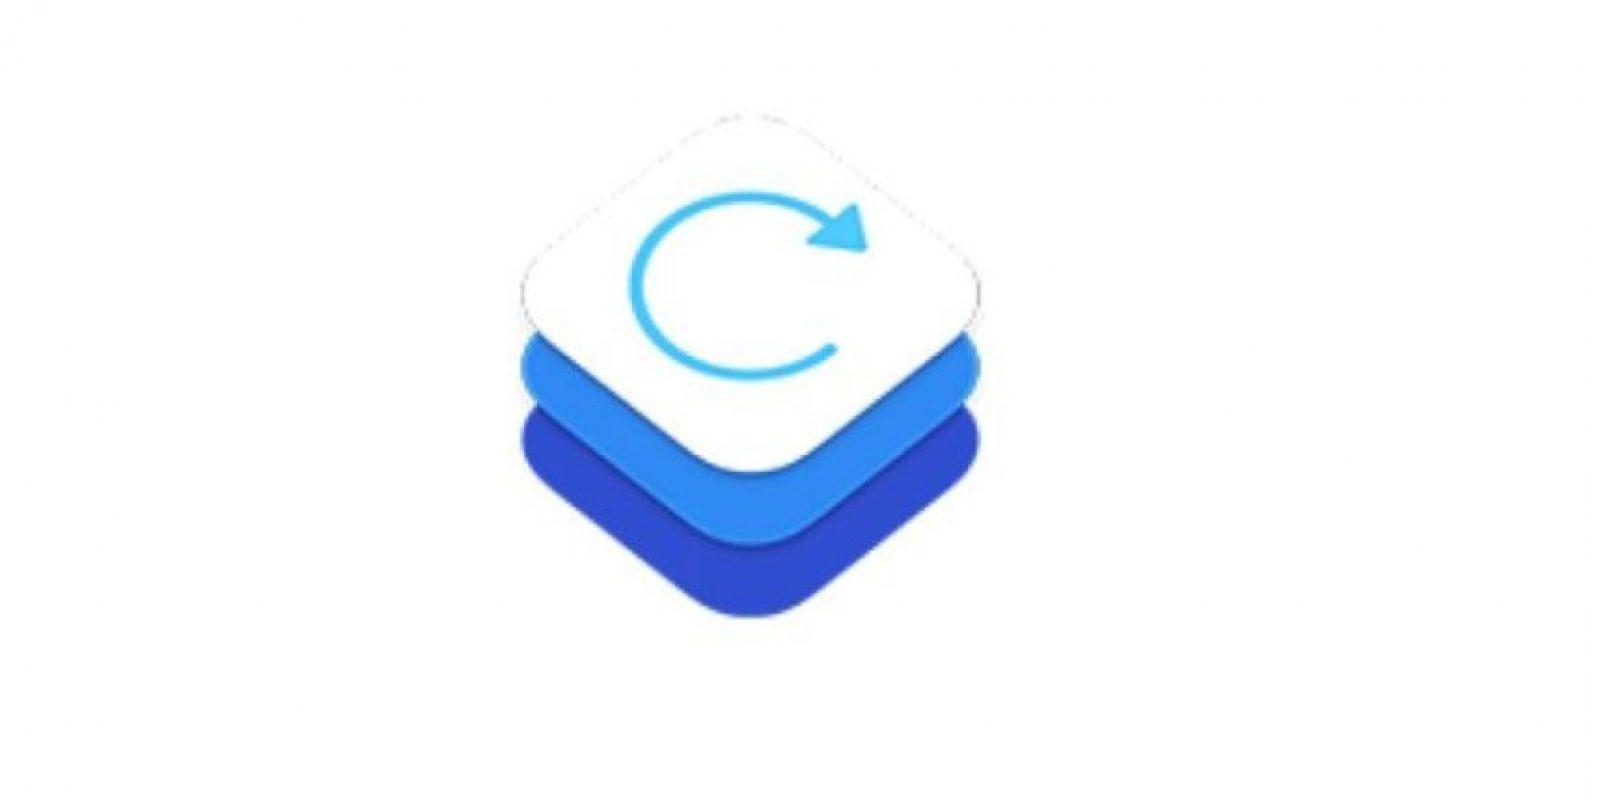 ReplayKit les permitirá grabar clips de video de su partida en cualquier juego y compartirla con sus amigos. Foto:Apple